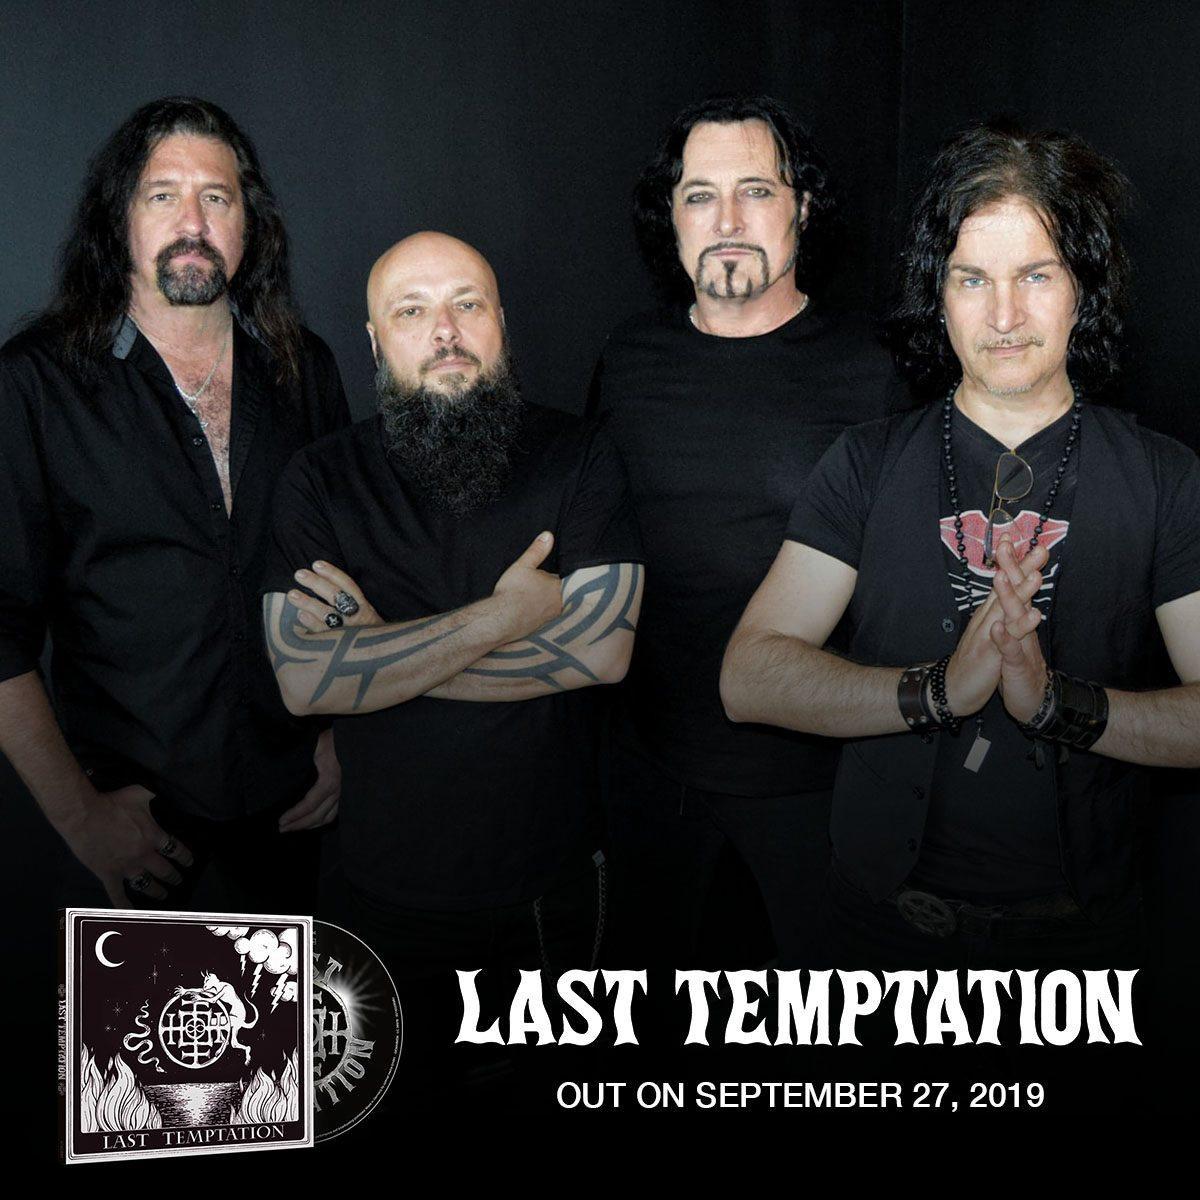 Last Temptation, 1er album éponyme sorti le 27/09/2019